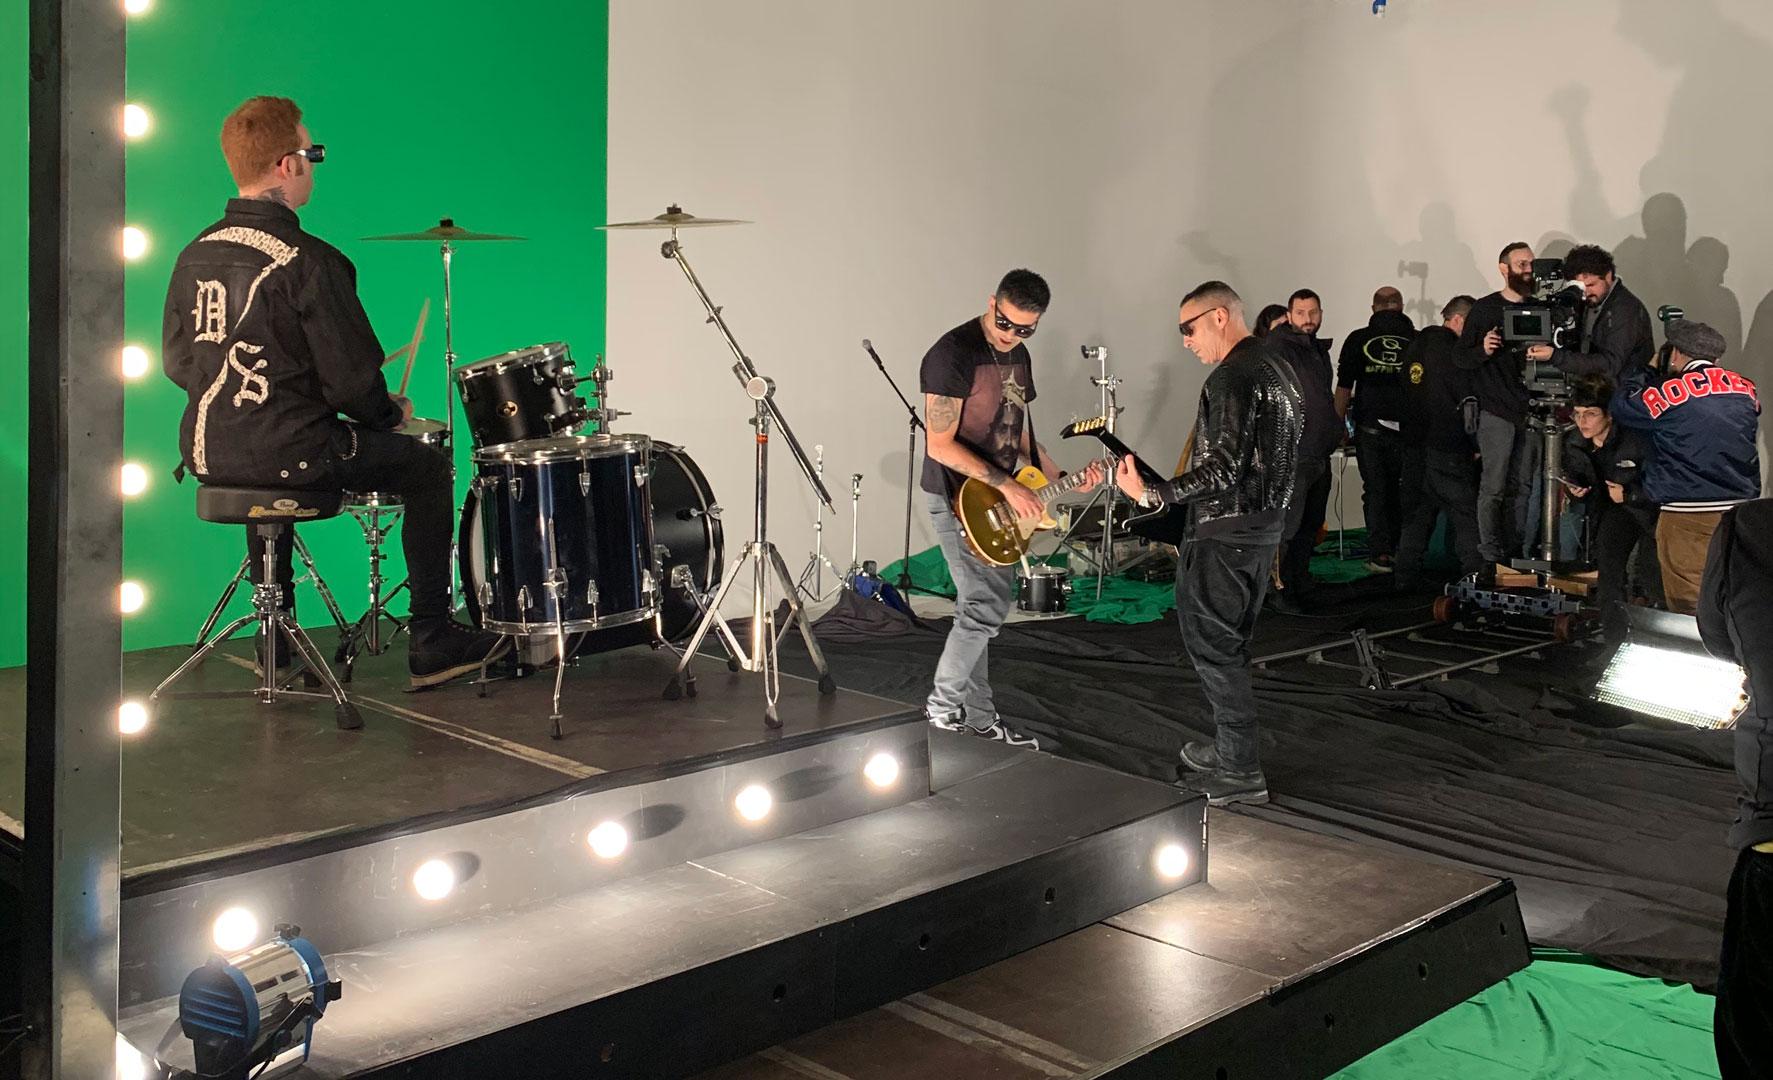 Teatro di posa, Limbo fotografico , Green screen